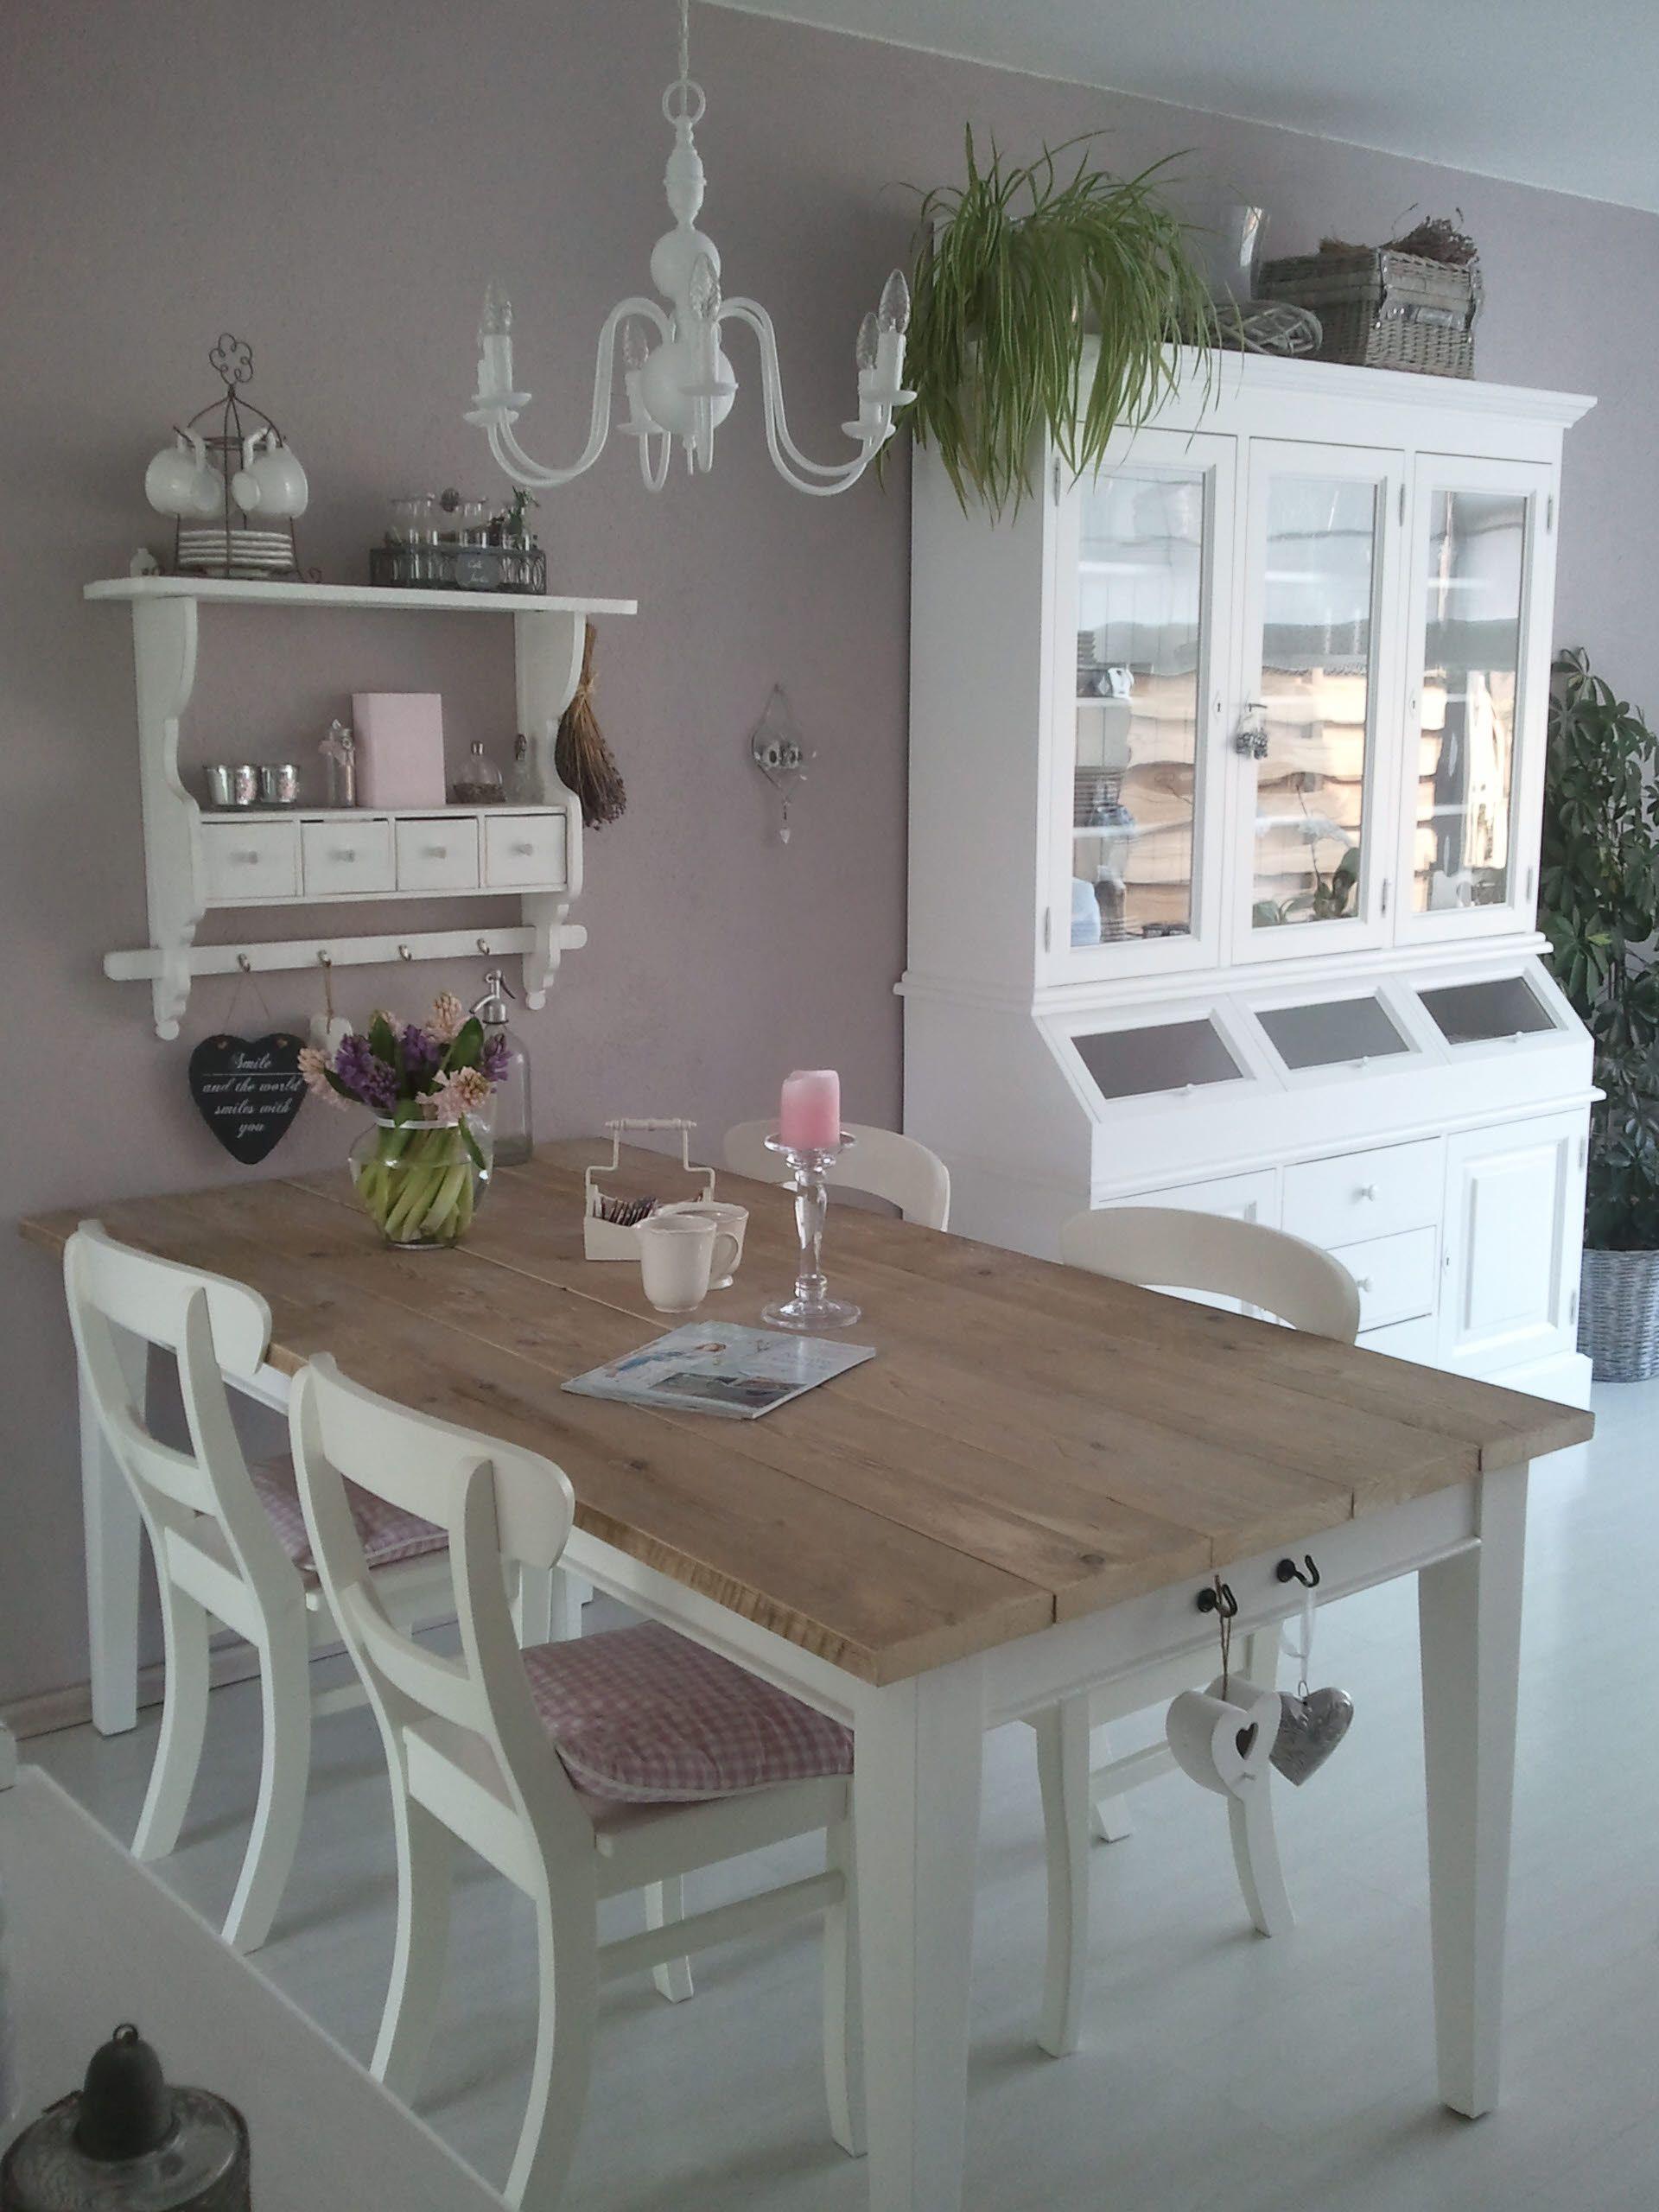 Landelijke stijl keuken woonkamer home inspiration pinterest keuken landelijk wonen en - Decoratie kamer thuis woonkamer ...